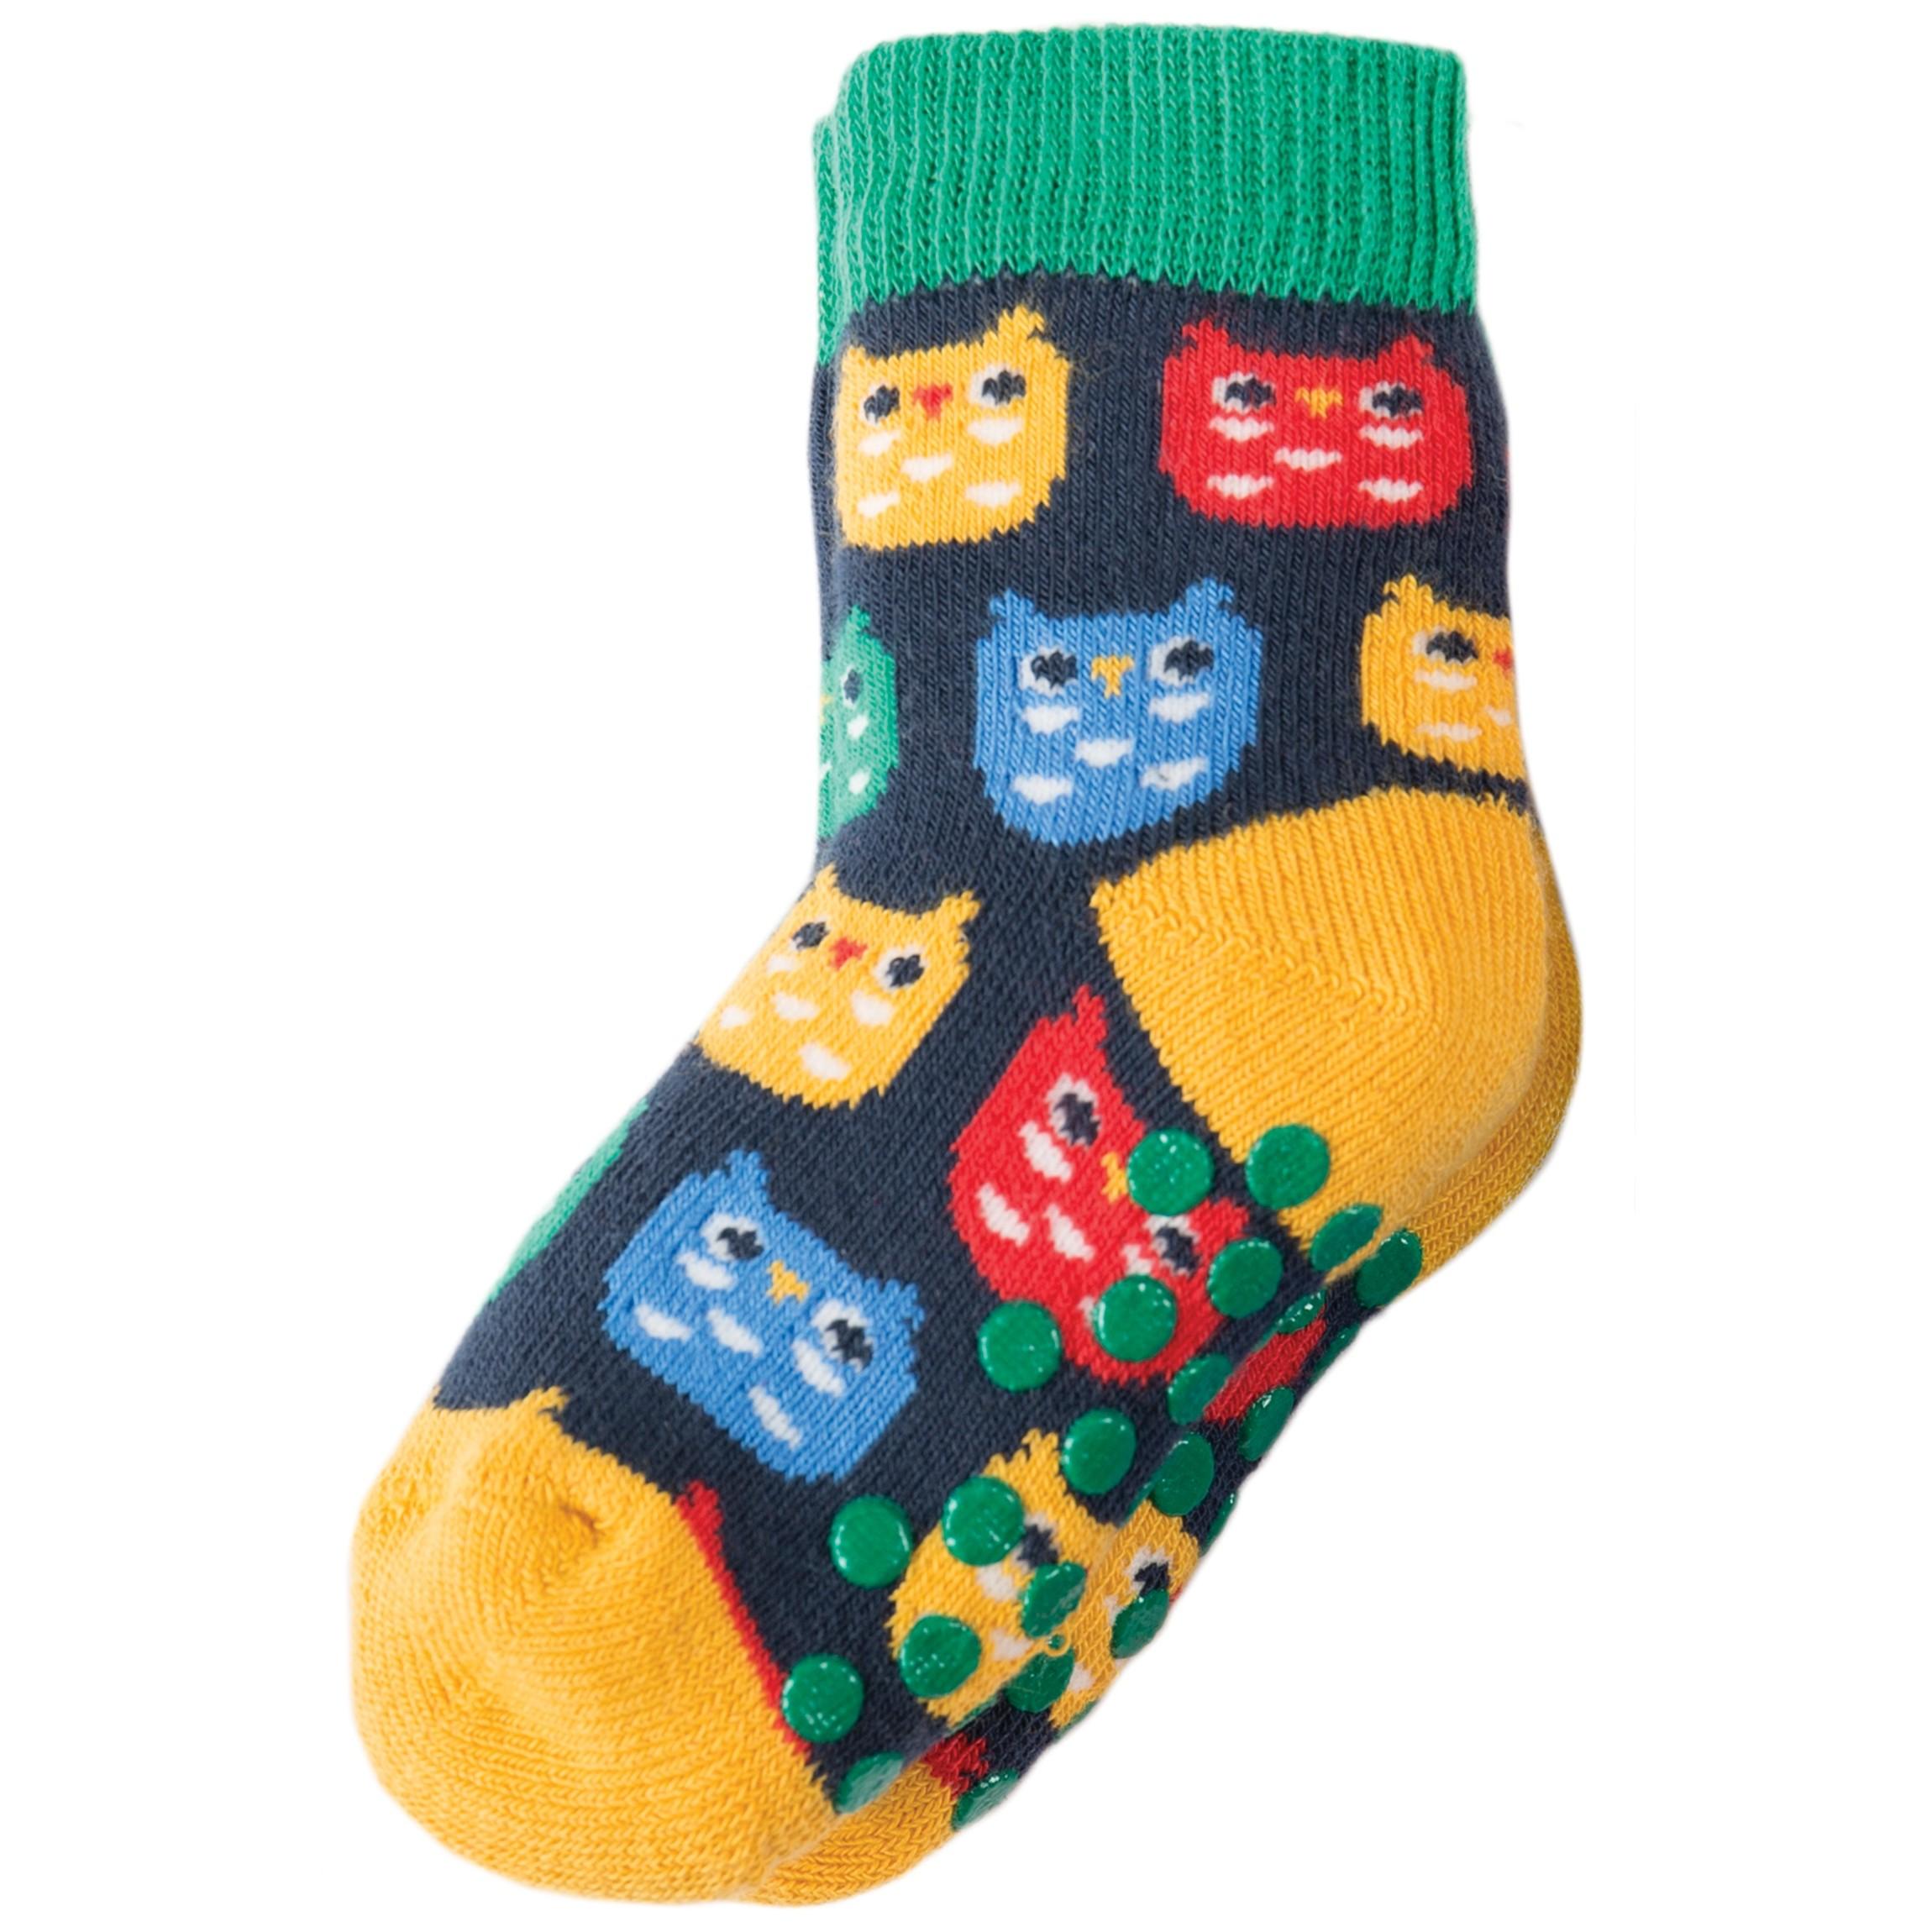 Owl Grippy Socks x2